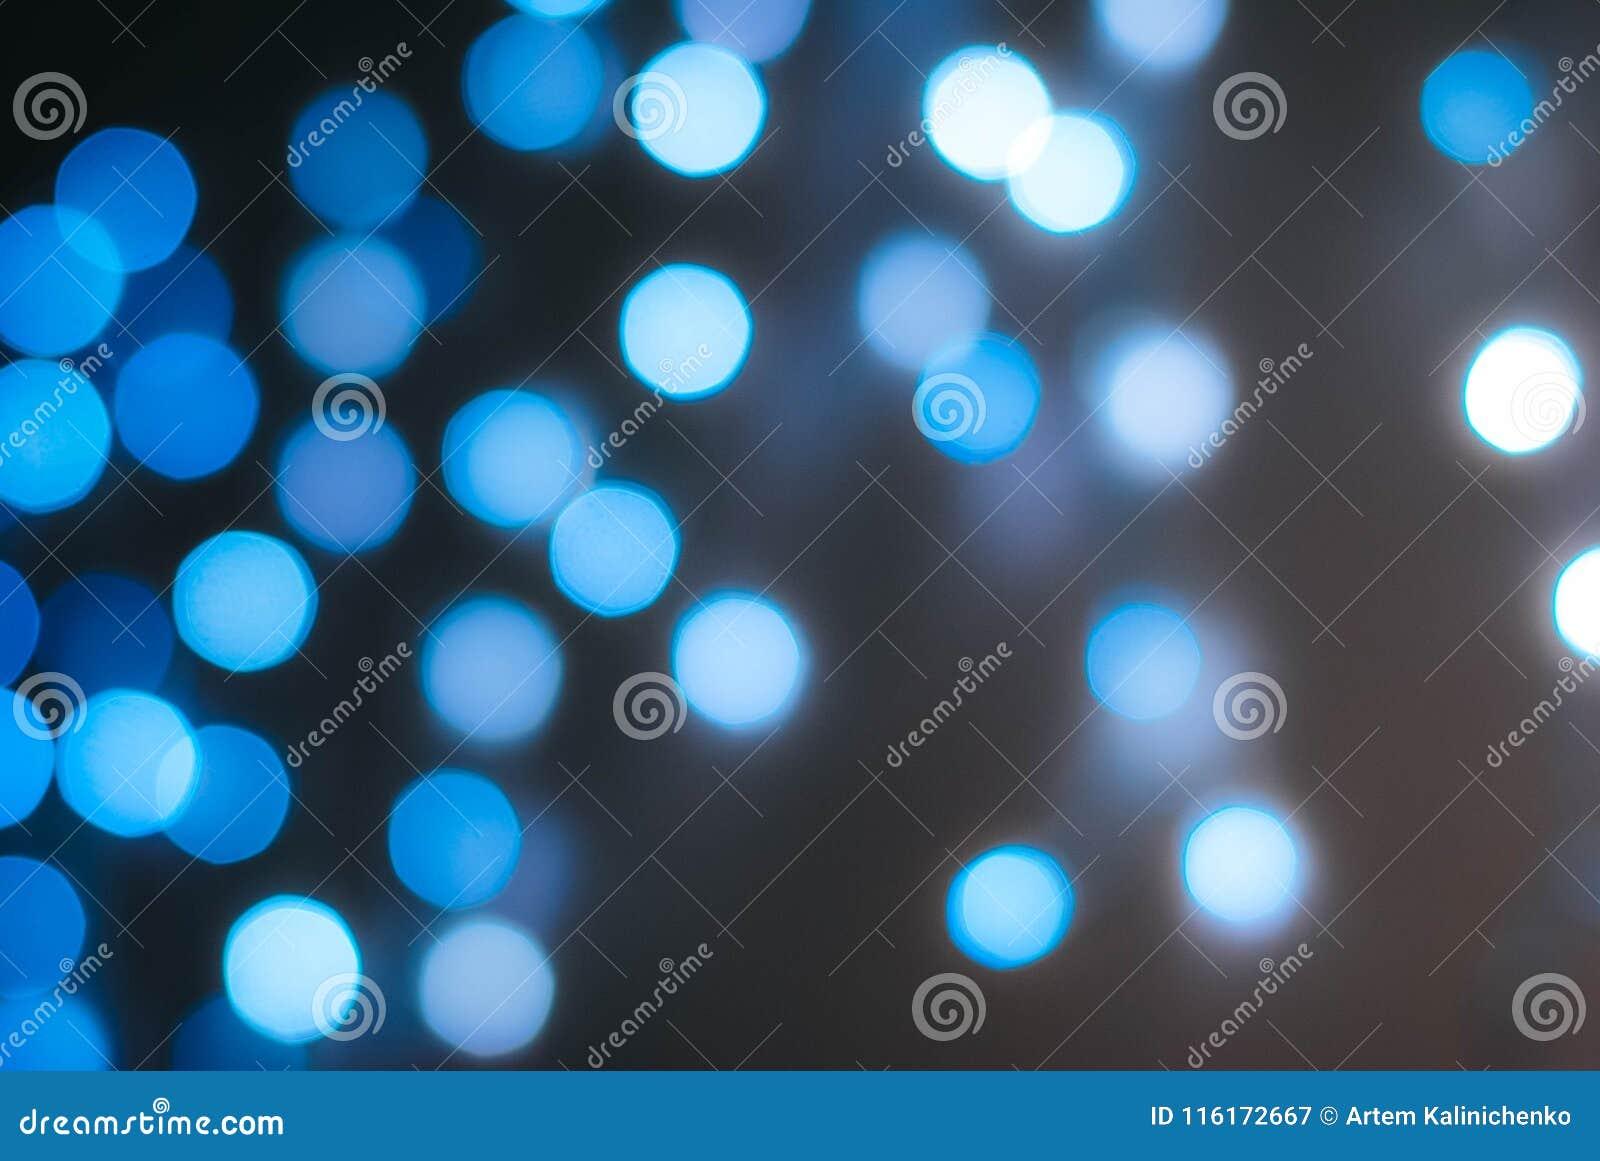 Bokeh brillante de luces azules